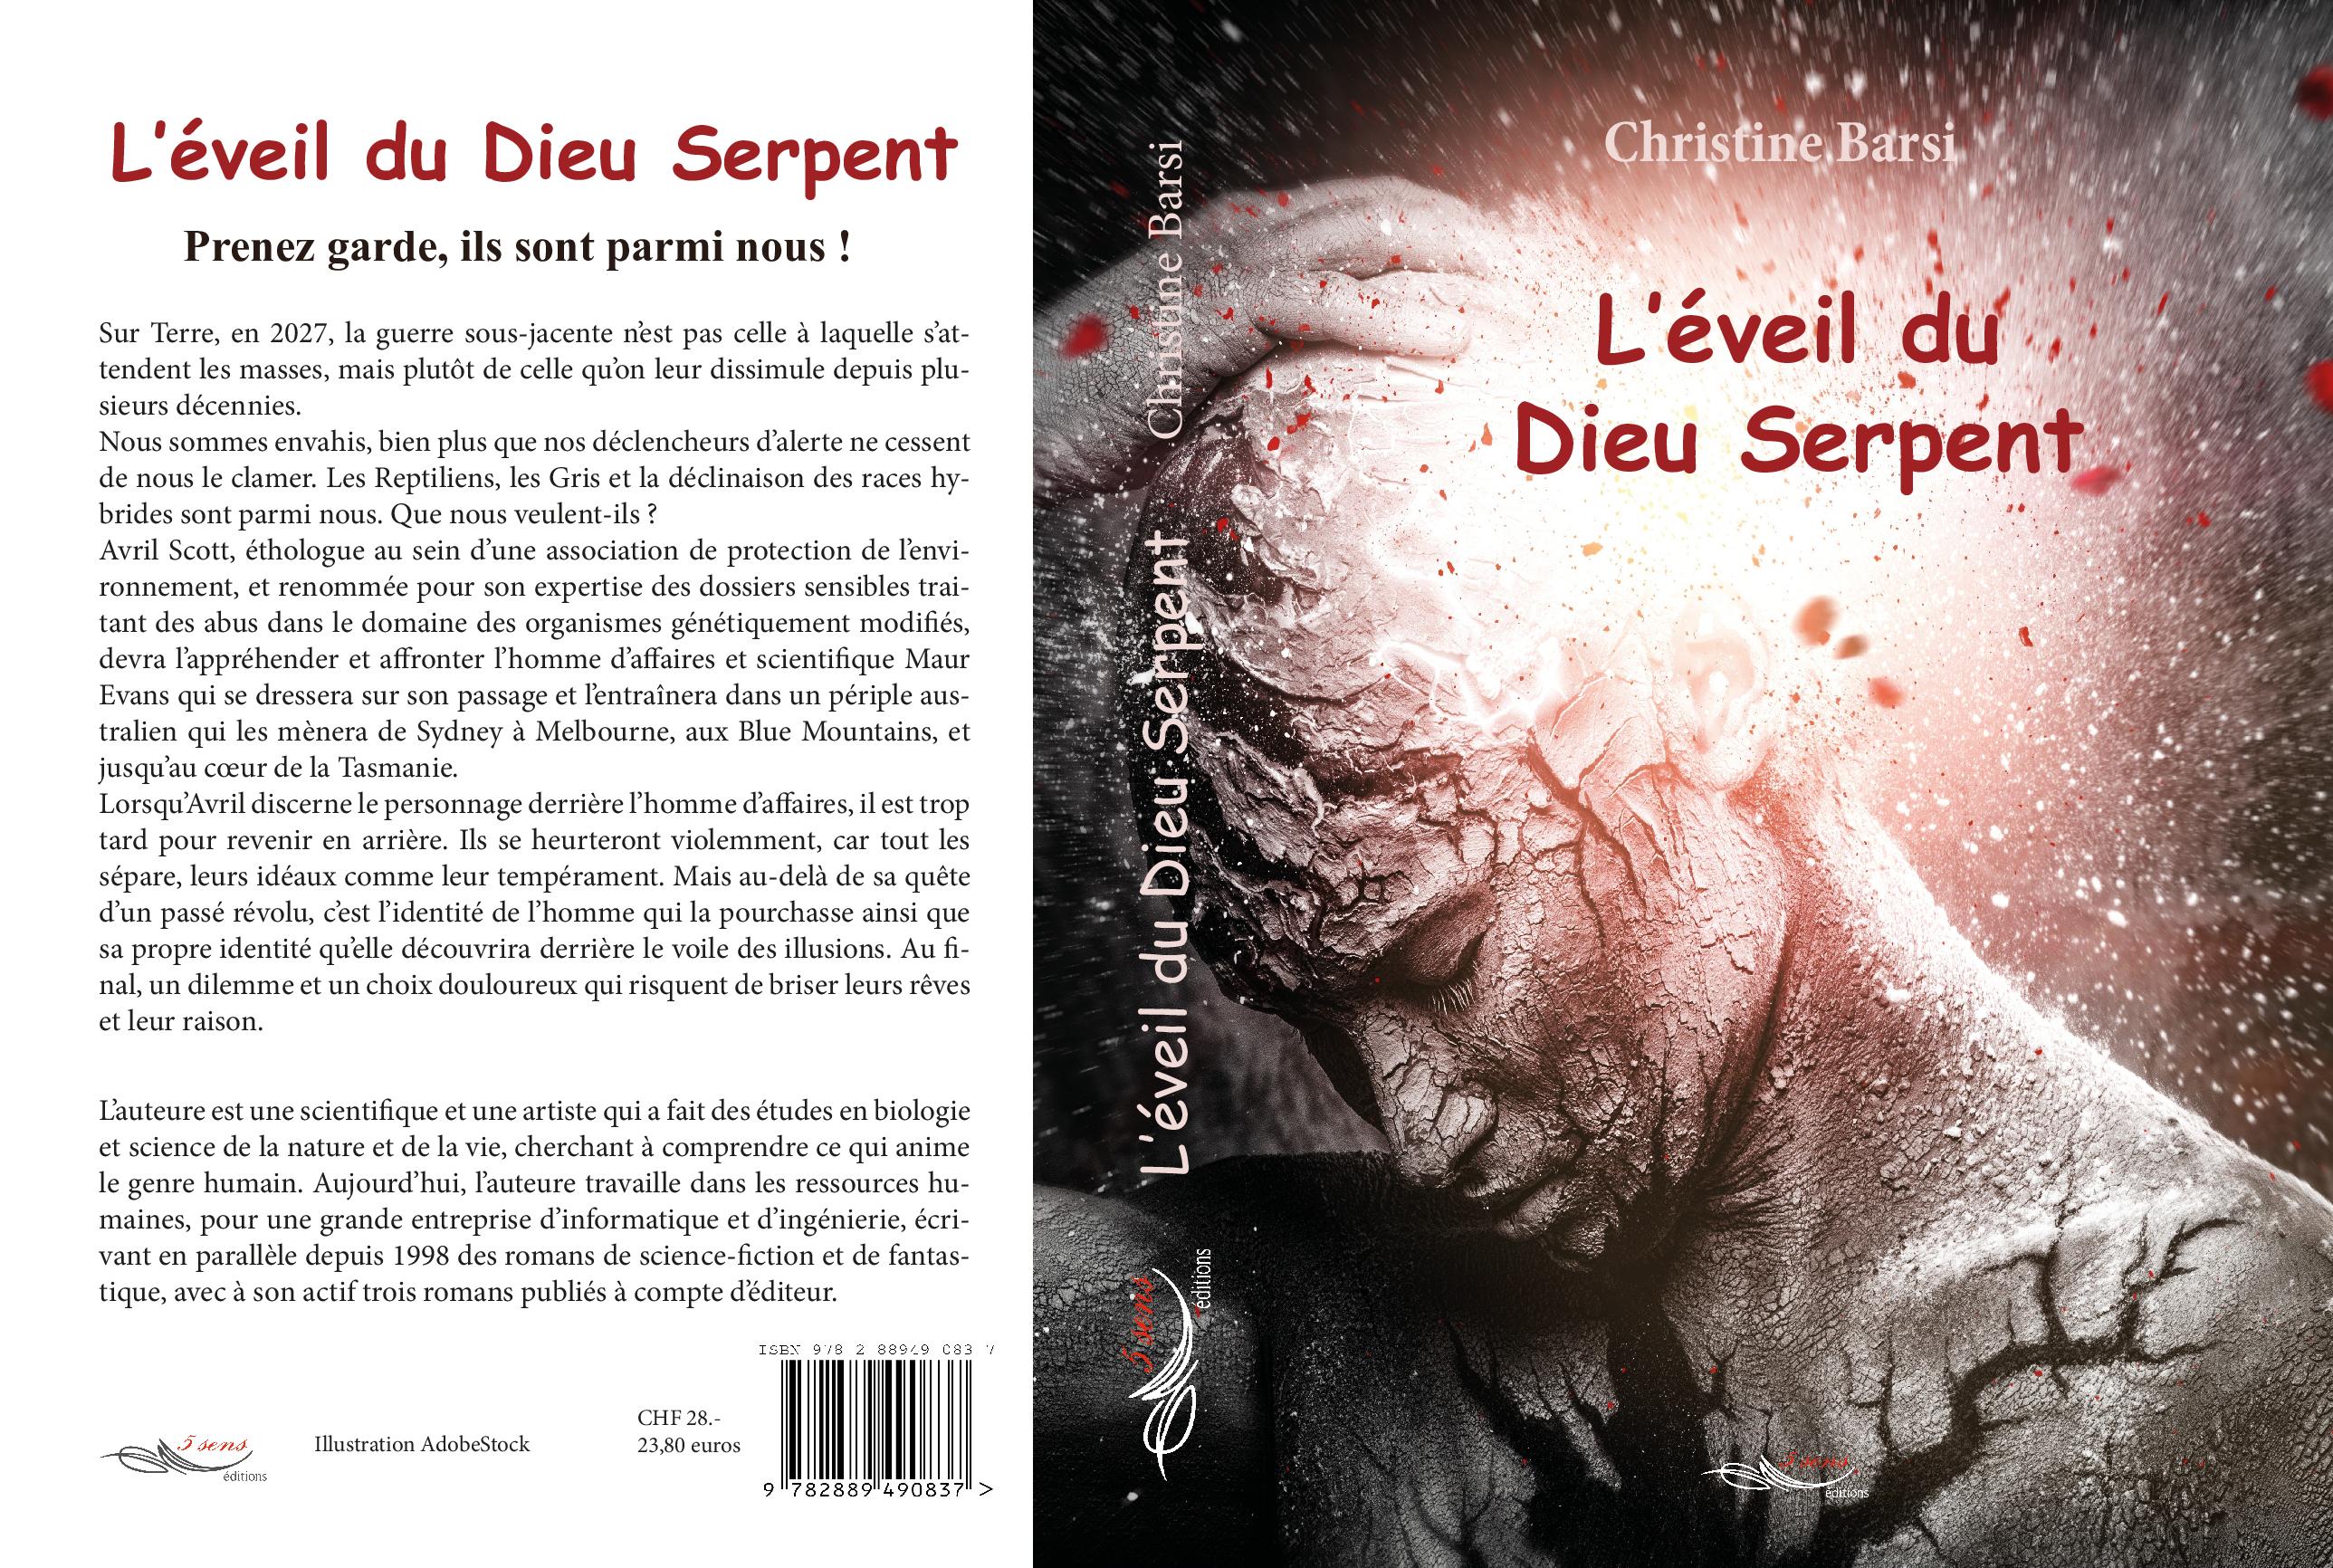 Roman de science-fiction et d'anticipation L'éveil du Dieu Serpent, par l'auteure Christine Barsi